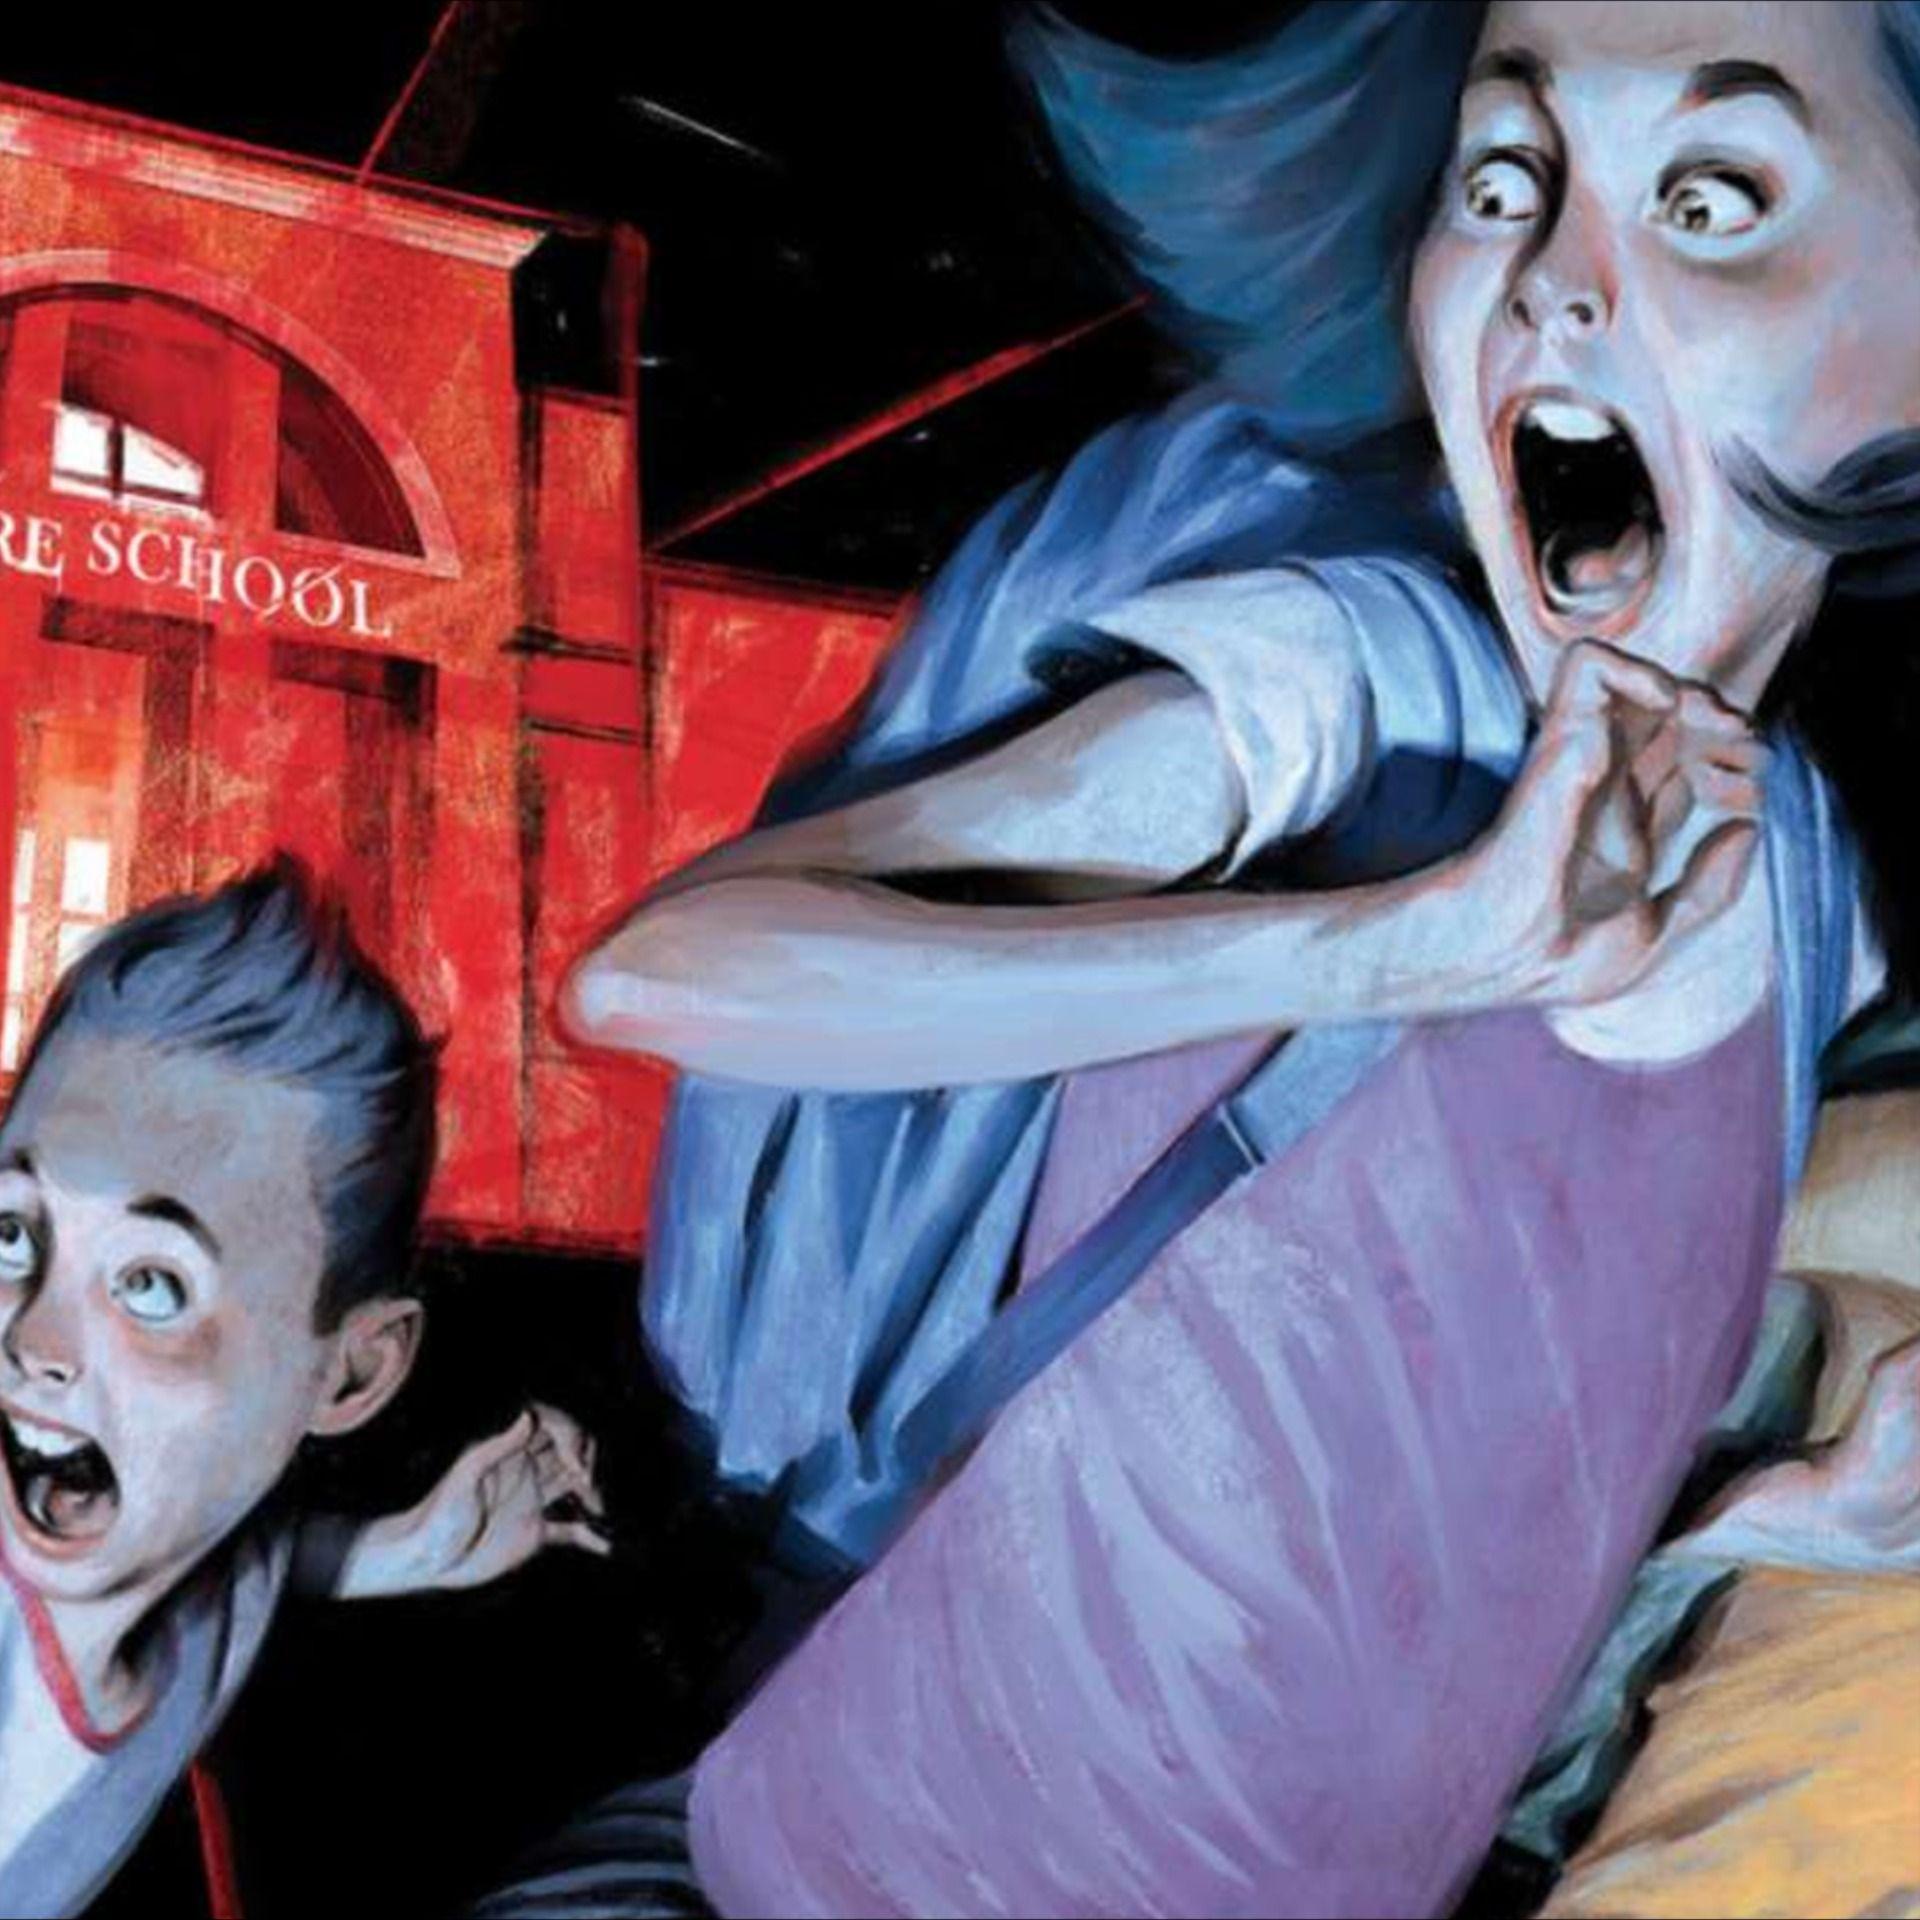 Best Horror Novels 2021 Pin on Disney+